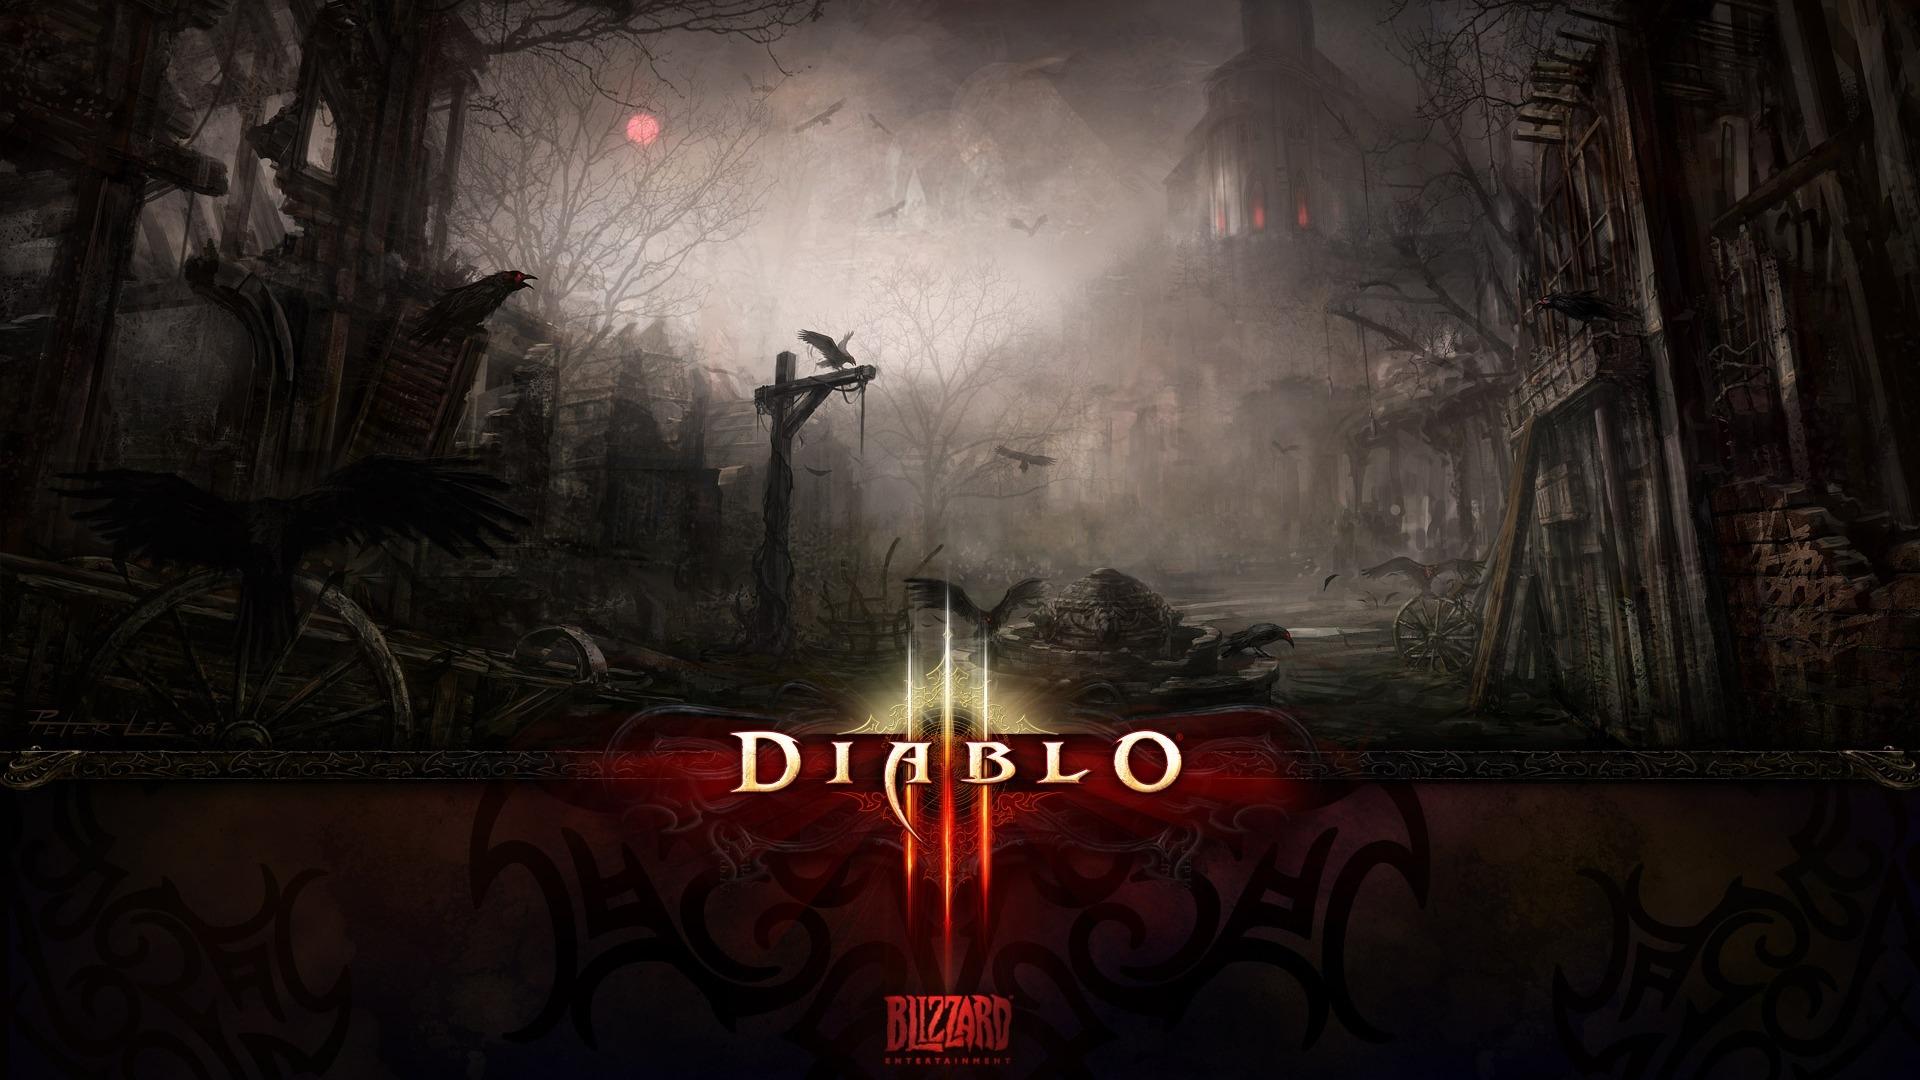 Full HD 1080p Diablo 3 Wallpapers HD, Desktop Backgrounds